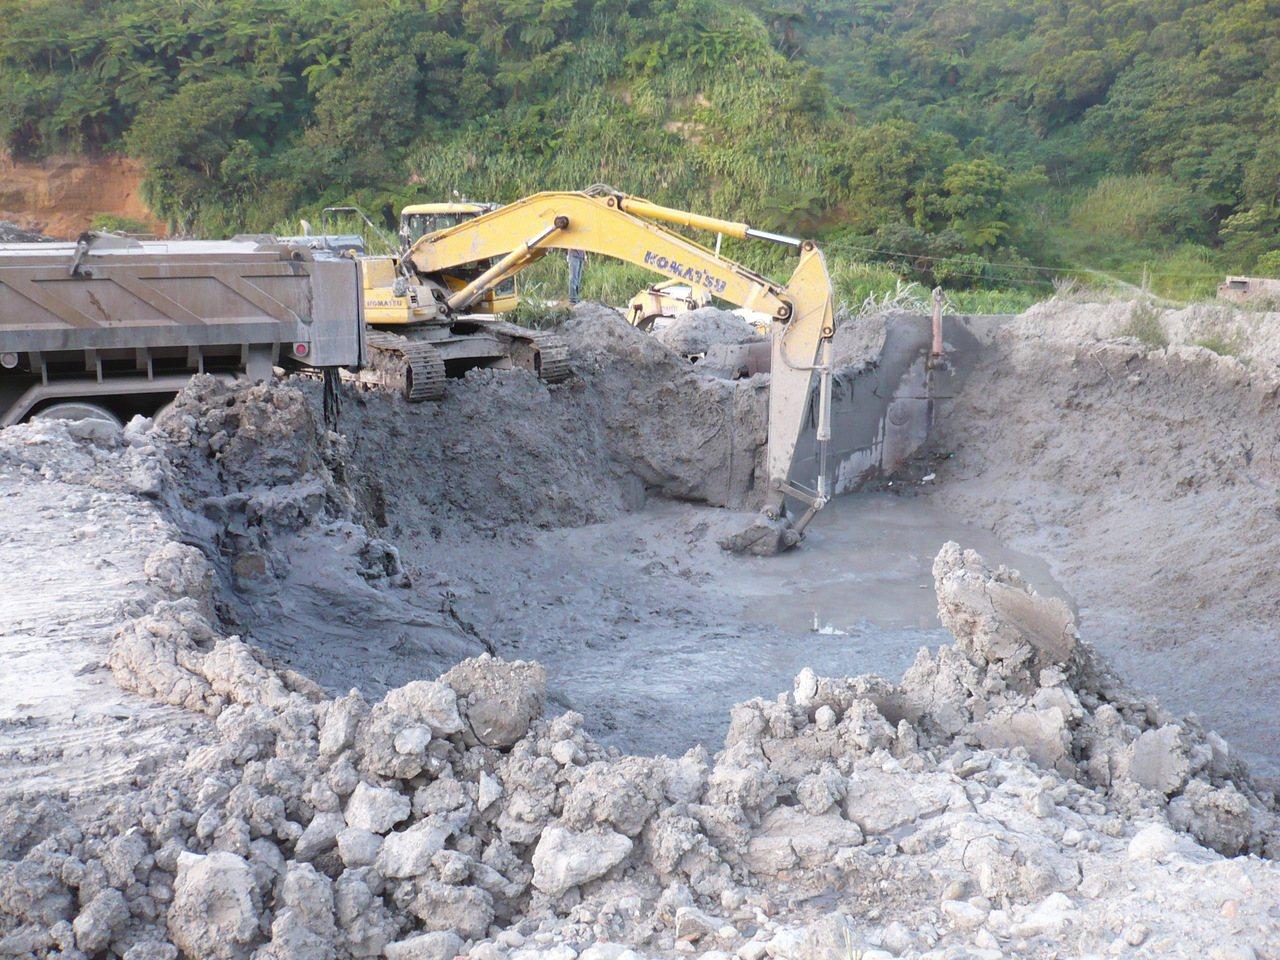 調查局接獲檢舉,指新竹縣芎林鄉一家土資場協助特定營造商任意亂倒廢土,嚴重破壞水土...